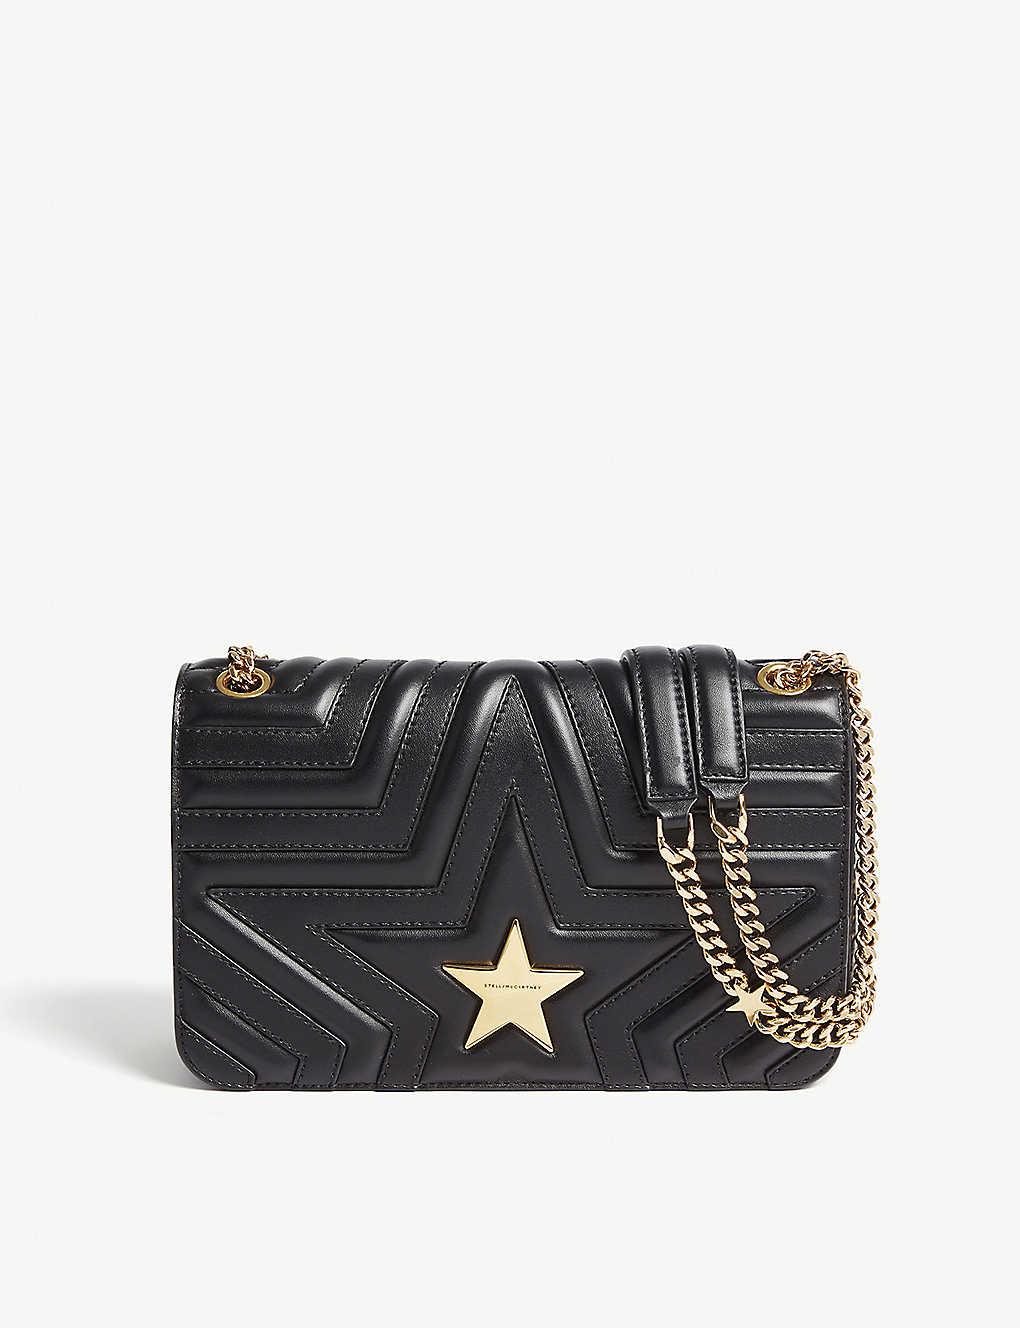 STELLA MCCARTNEY - Quilted star shoulder bag  521ab29760548